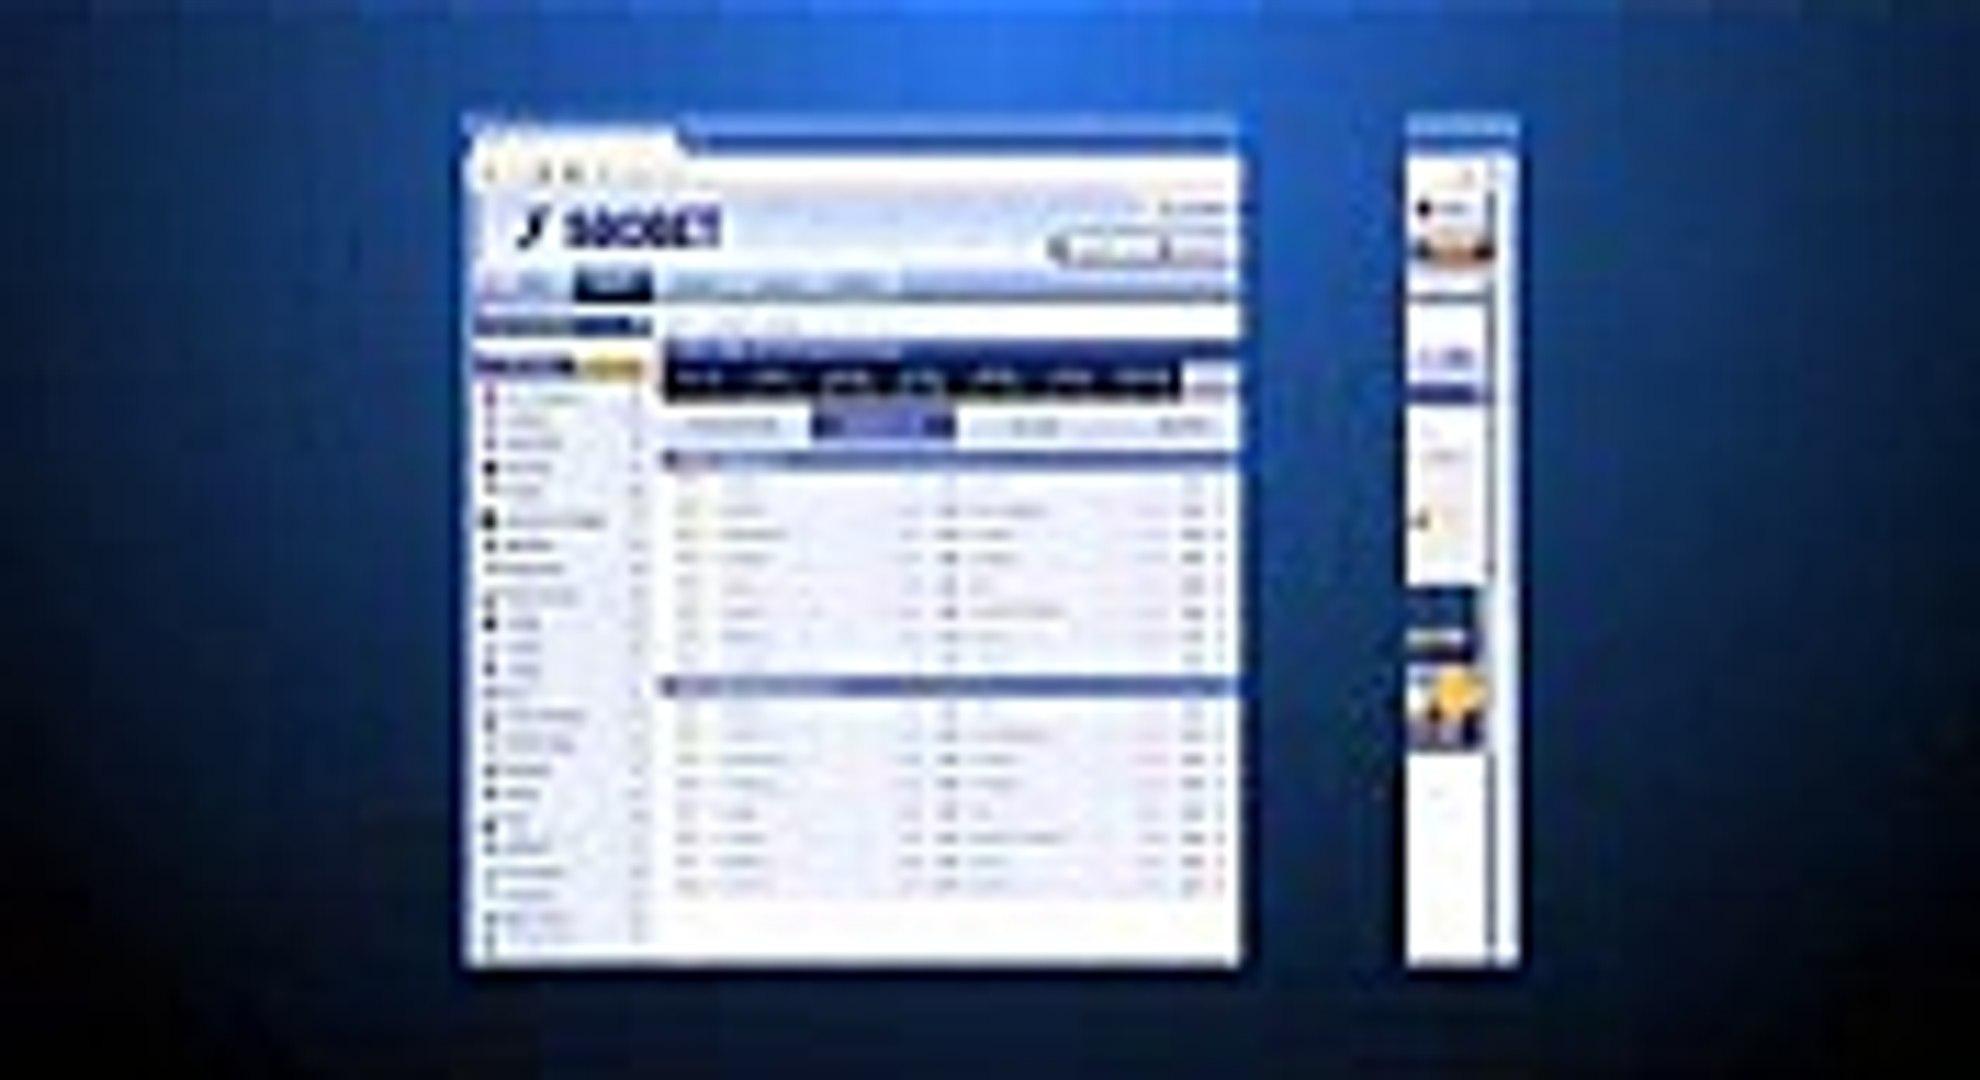 Wahana303.com Agen SBOBET IBCBET 368Bet Casino 338A Bola Tangkas Togel SINGAPURA HONGKONG Online Ind